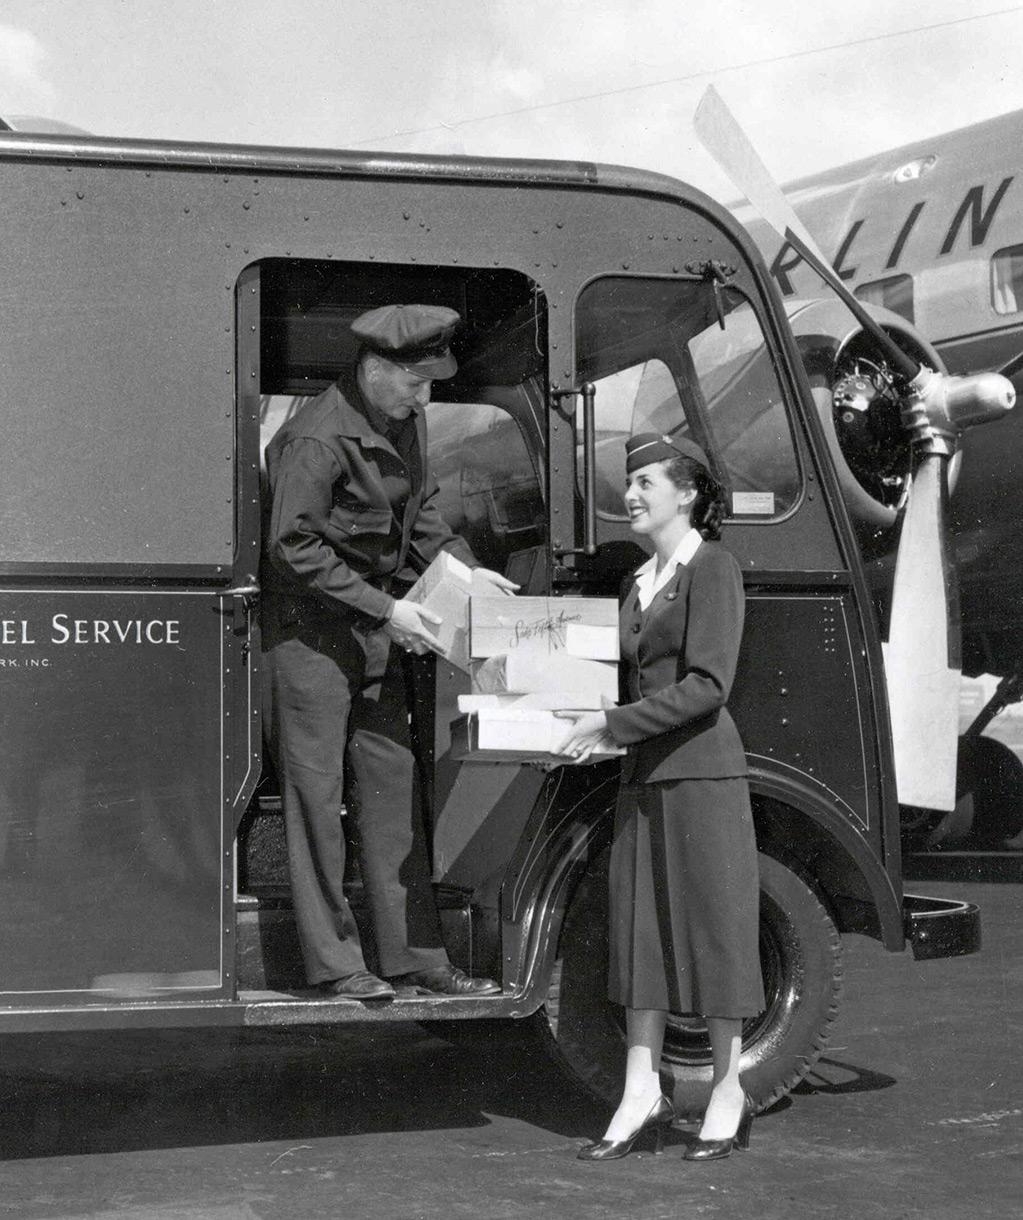 UPS teslimat sürücüsü paketleri uçağın önünde hostese teslim ederken